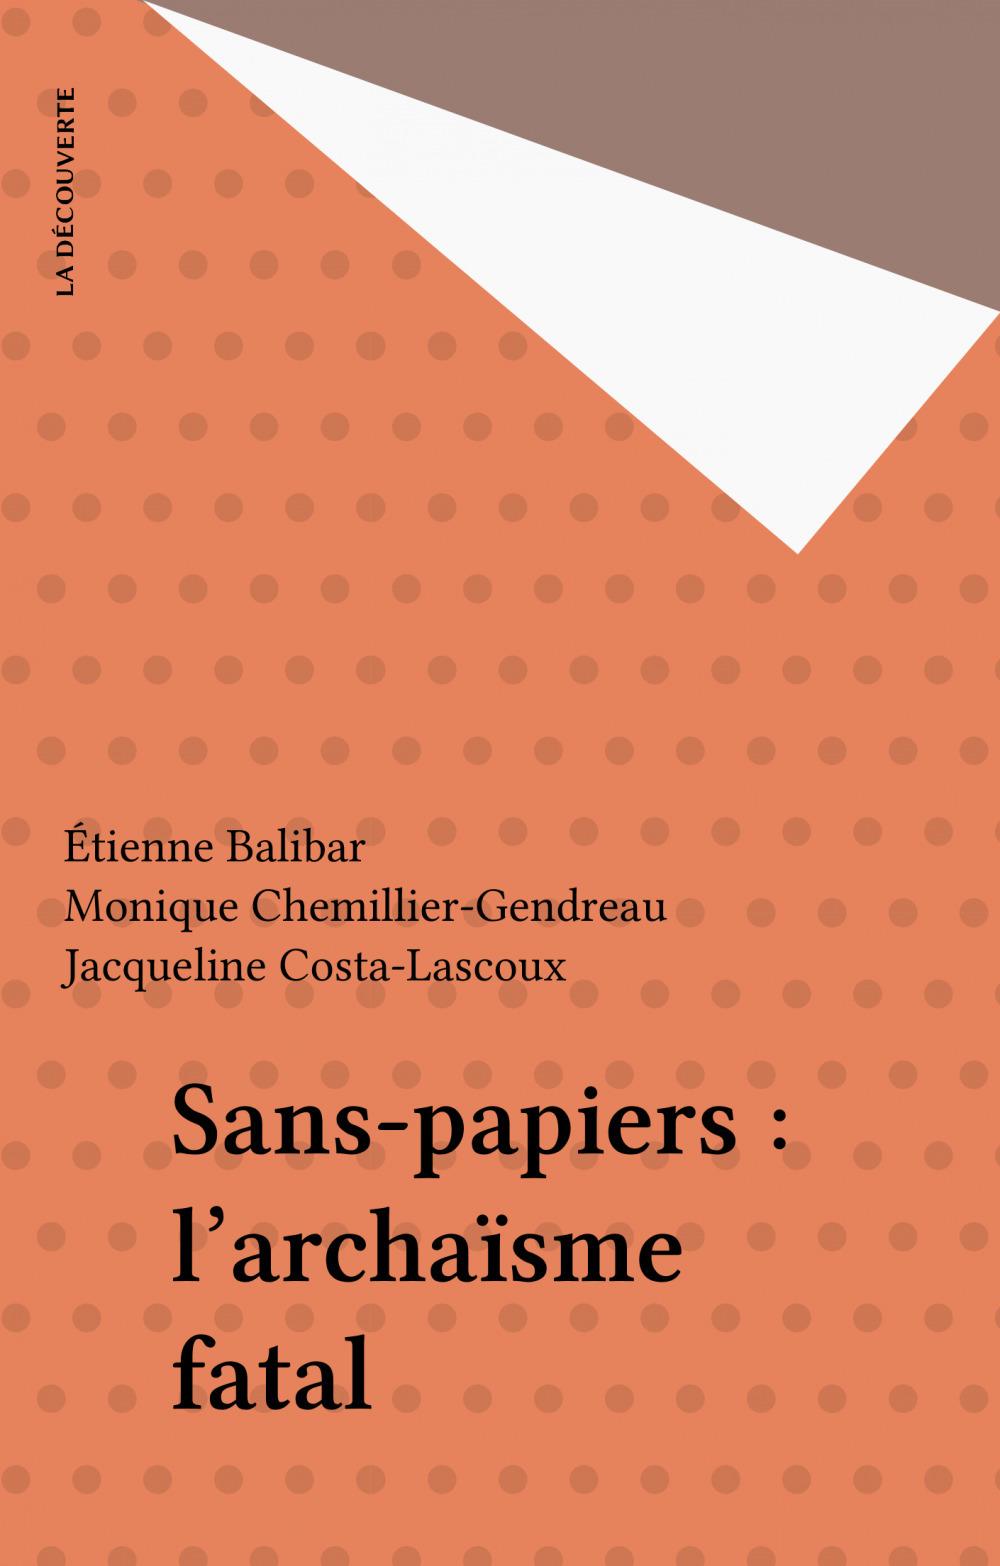 Sans-papiers : l'archaïsme fatal